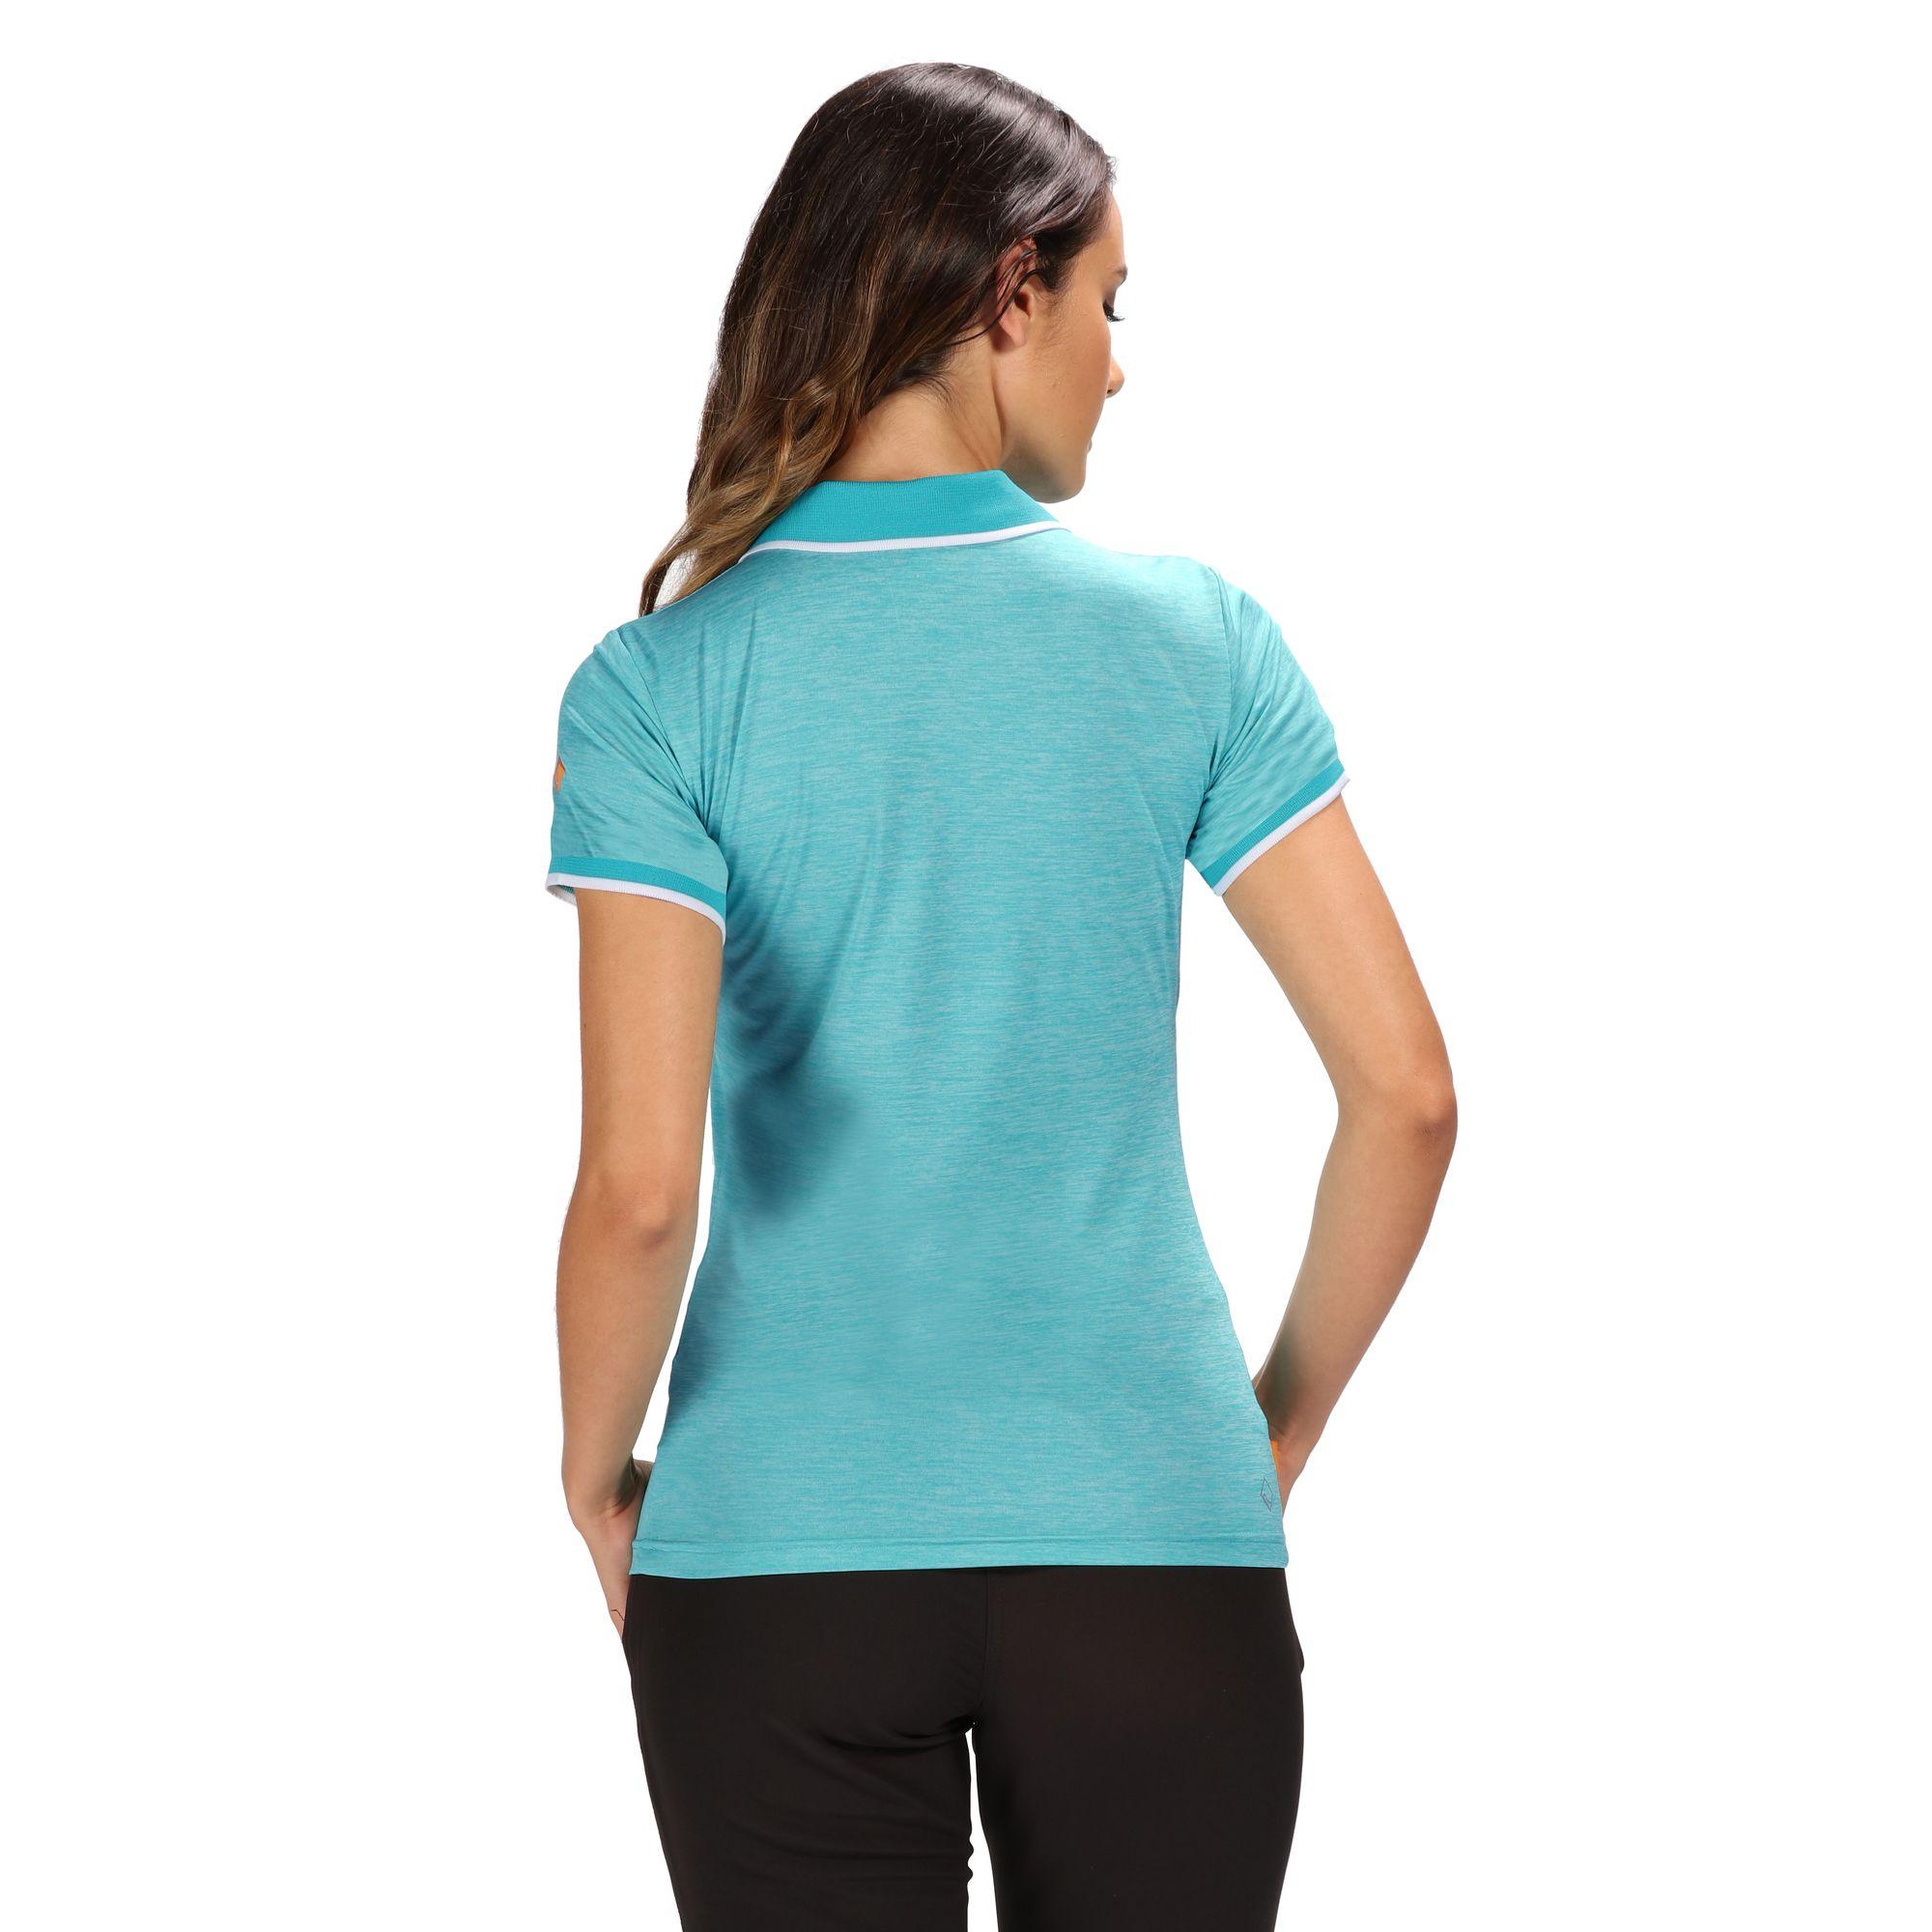 Regatta-Womens-Ladies-Remex-II-Polo-Neck-T-Shirt-RG4477 thumbnail 5